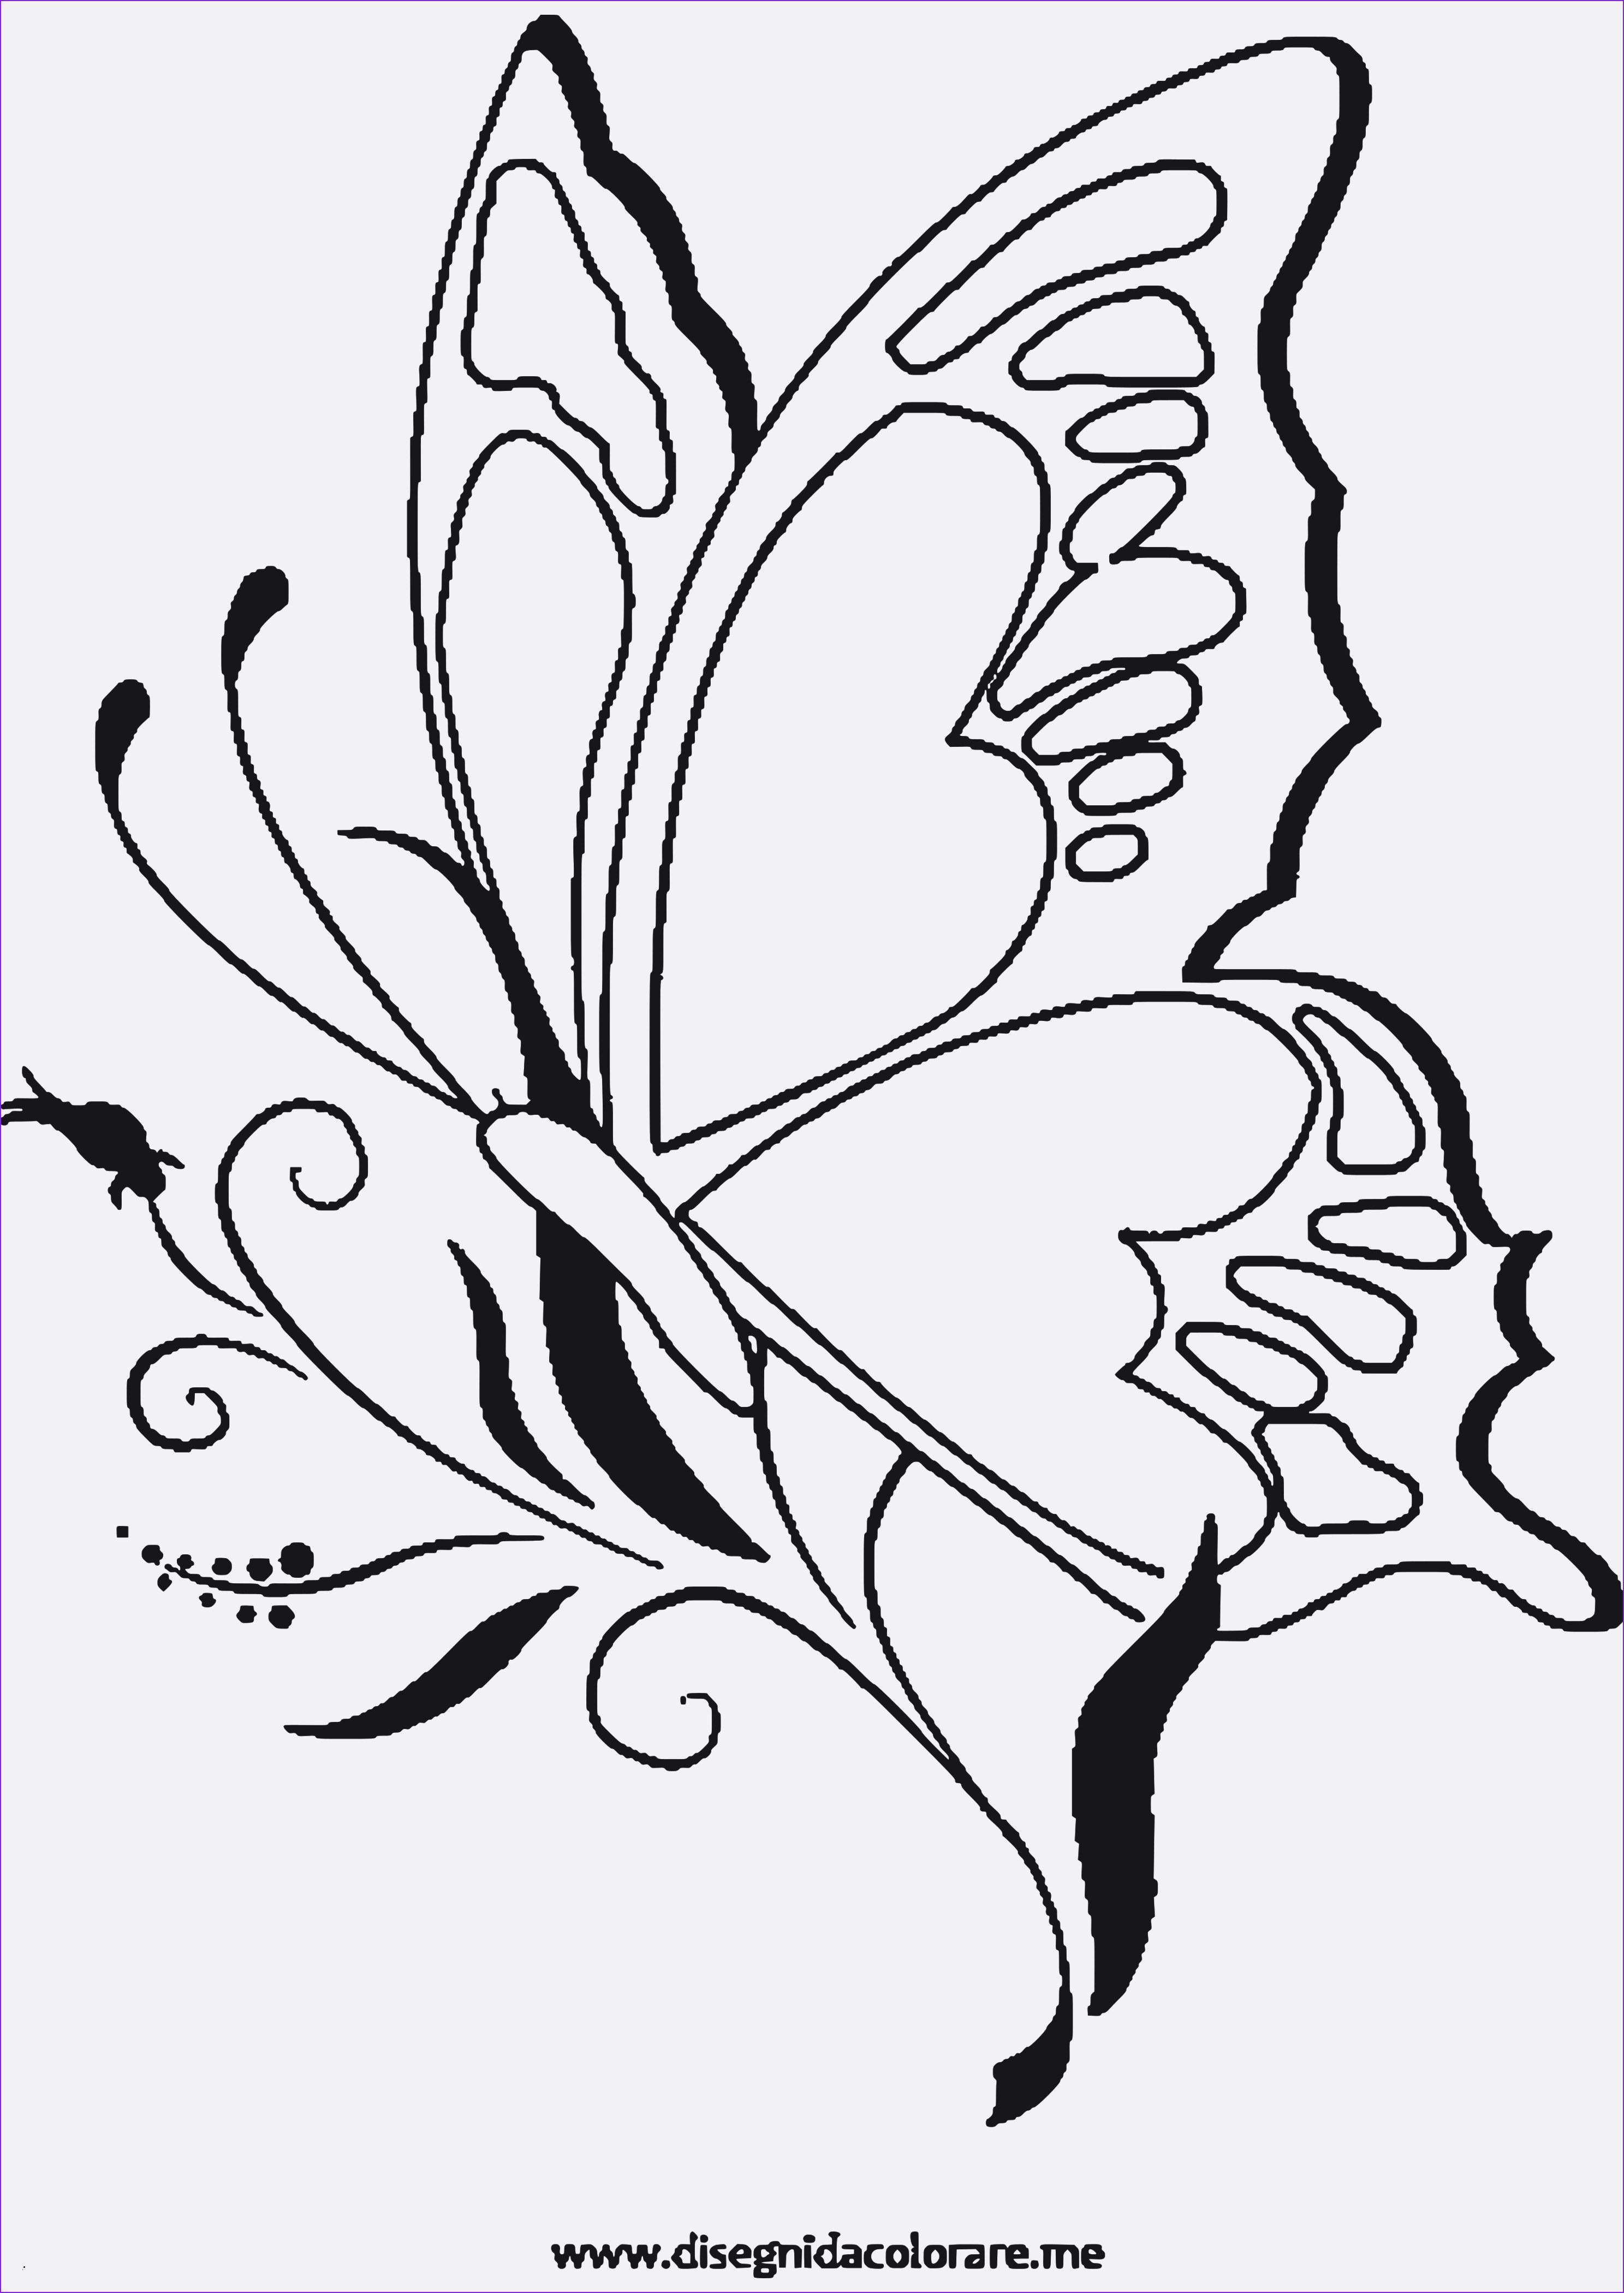 Nashorn Zum Ausmalen Inspirierend 40 Das Konzept Von Ausmalbilder Schmetterling Zum Ausdrucken Das Bild